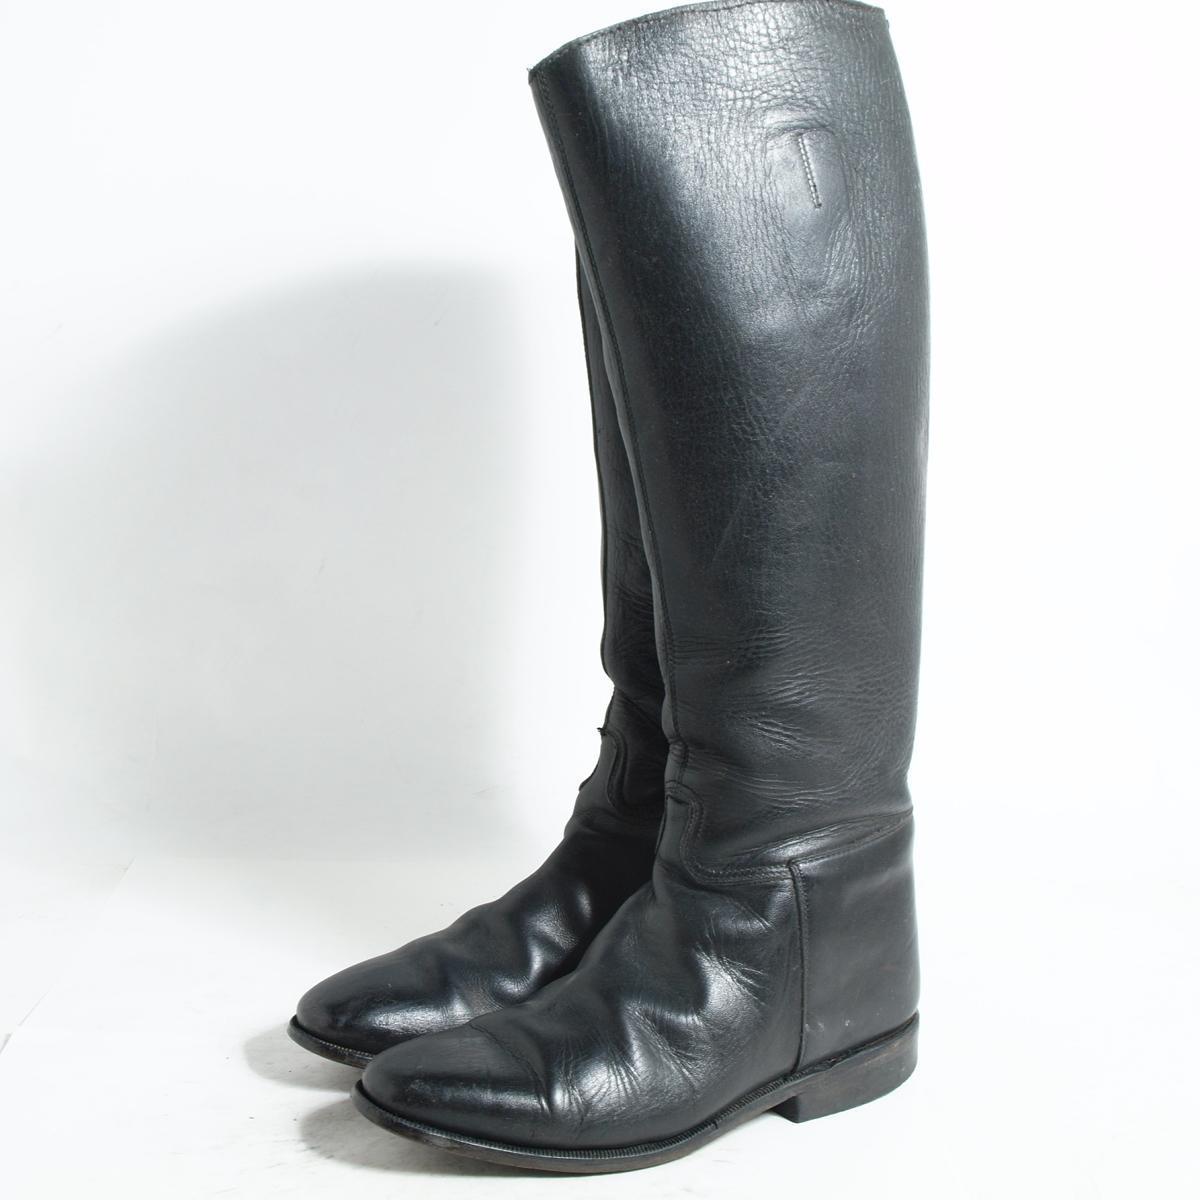 ケーニッヒ ジョッキー乗馬ブーツ 5.5 レディース23.5cm KONIGS /boj5715 【中古】 【170805】【SS1903】